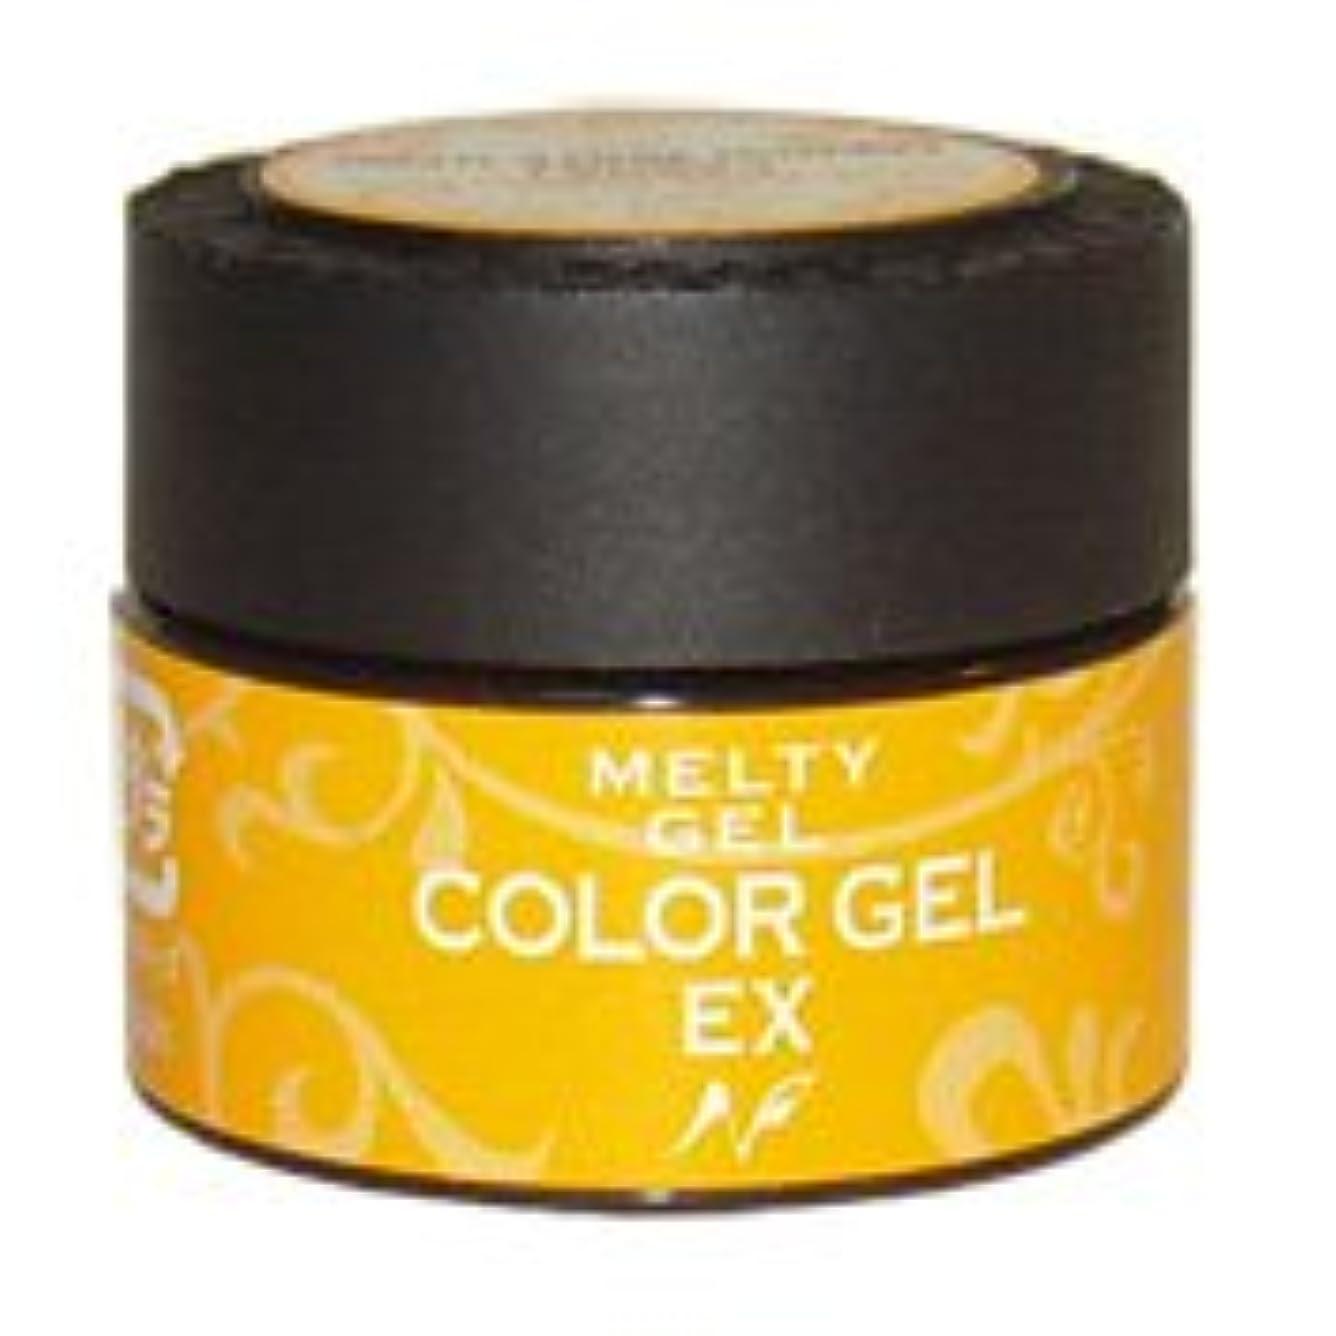 比較酸グレーカラージェルEXフレンチホワイト 3g